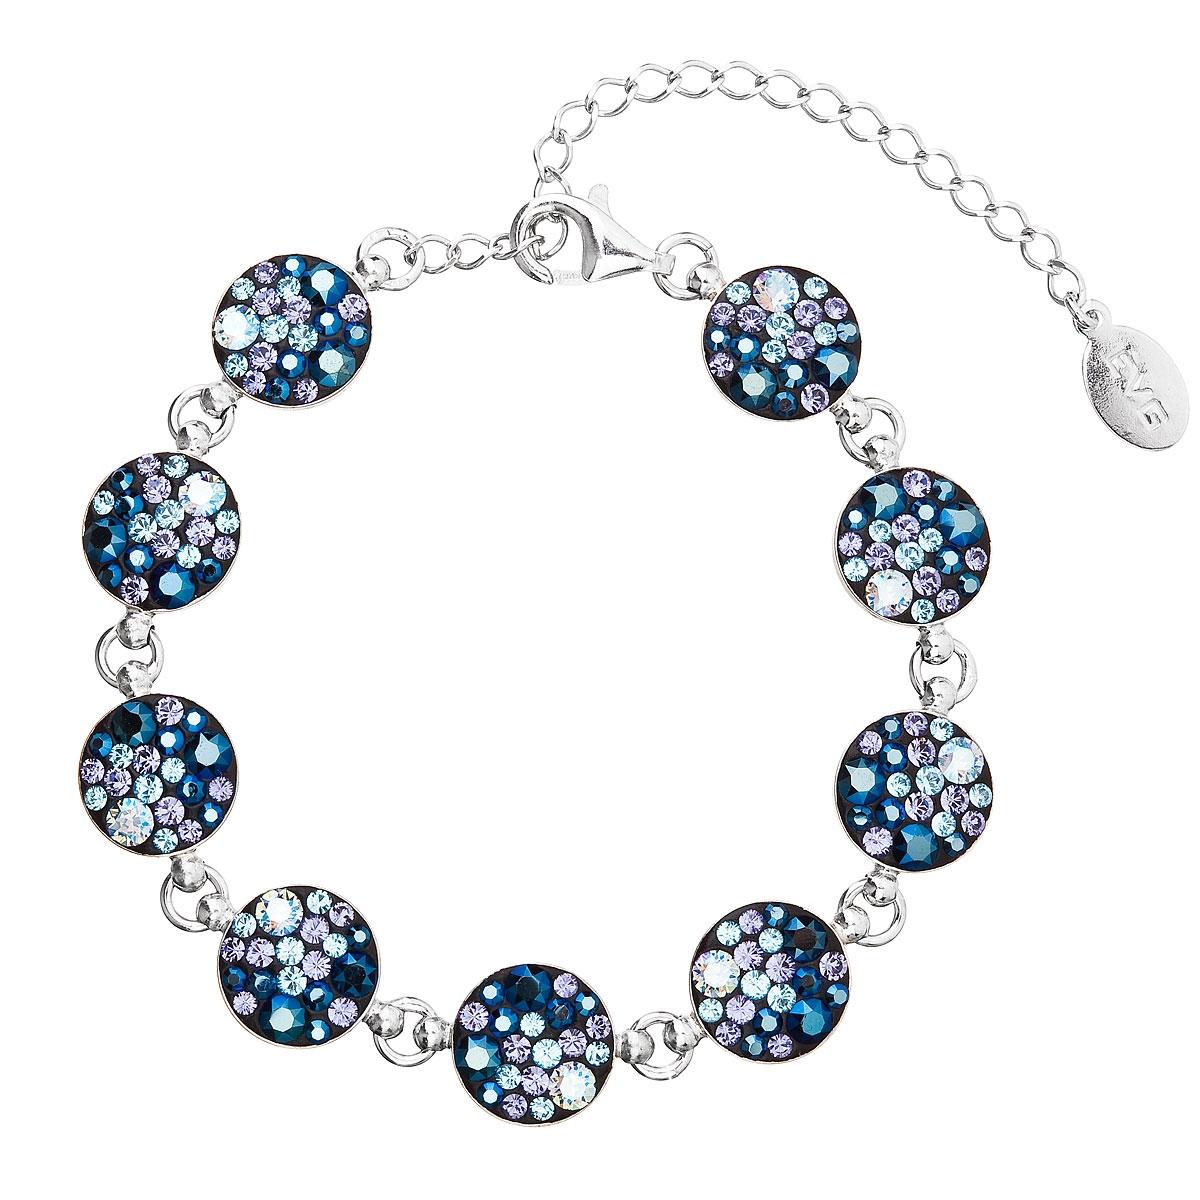 Strieborný náramok s kryštálmi Crystals from Swarovski ® Blue Style dba0ba43f3e